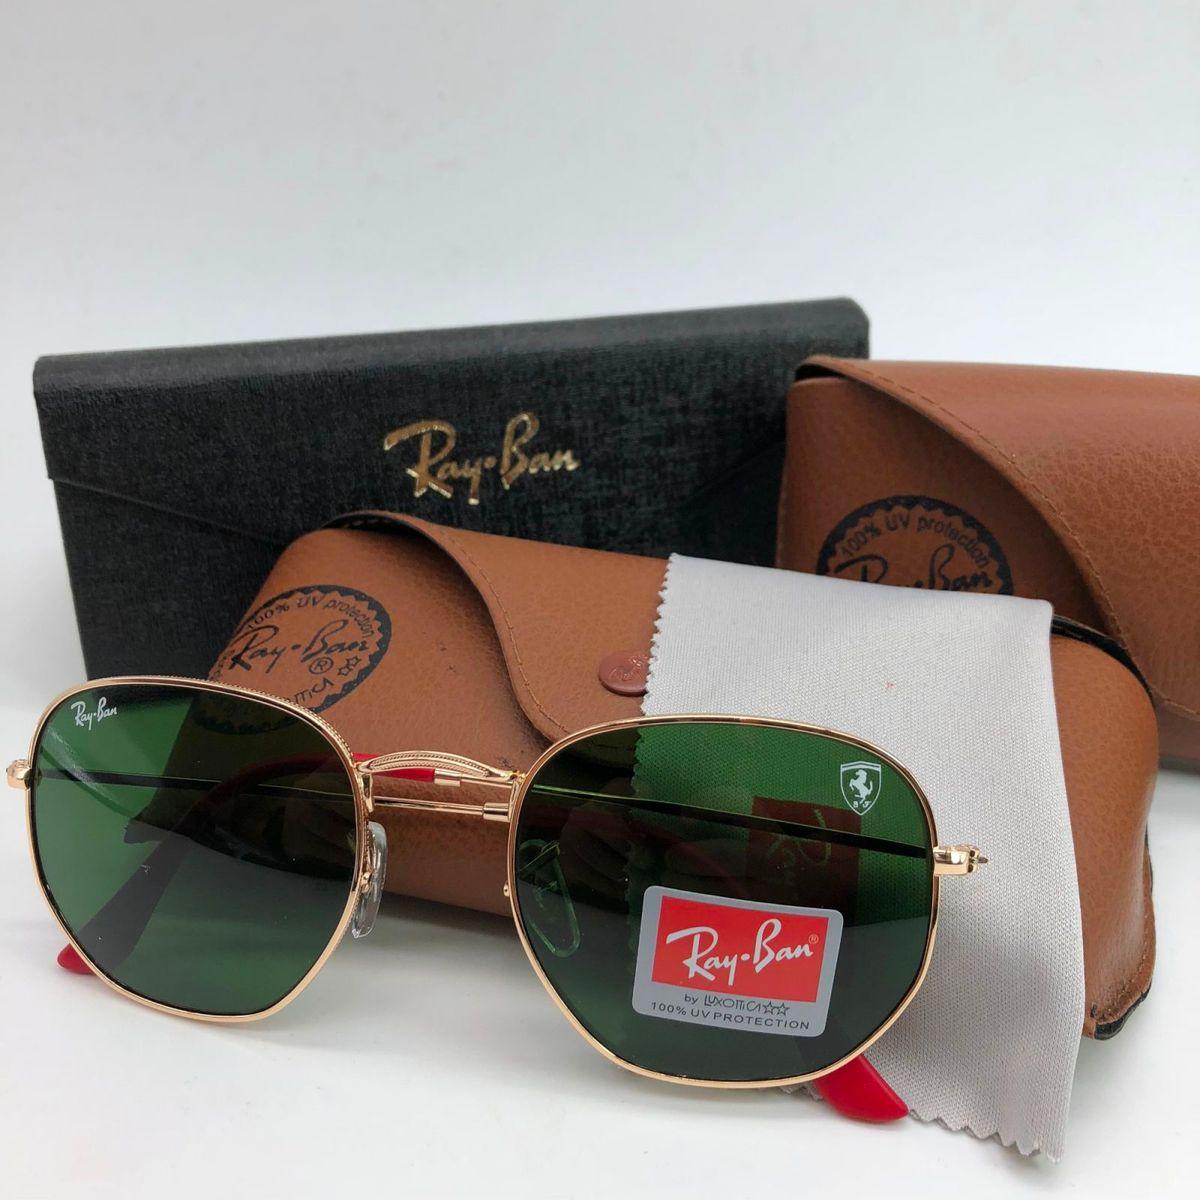 338589af821ef Oculos de Sol Ray Ban Hexagonal Rb3548 Ferrari Feminino Dourado Lente Verde  Cristal Uv